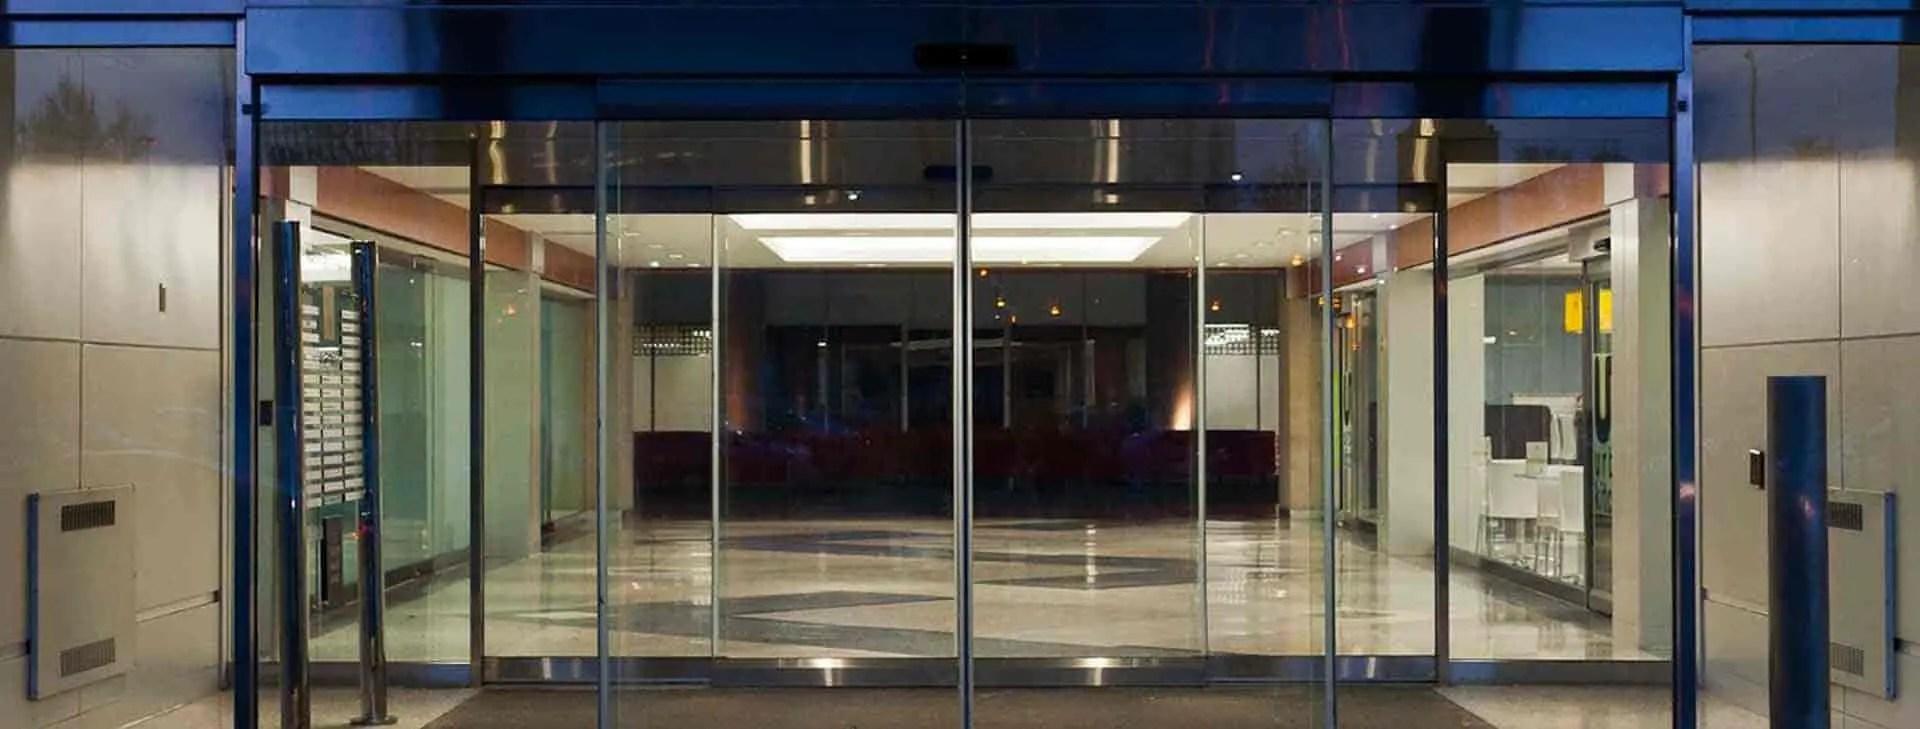 أبواب زجاجية أوتوماتيكية